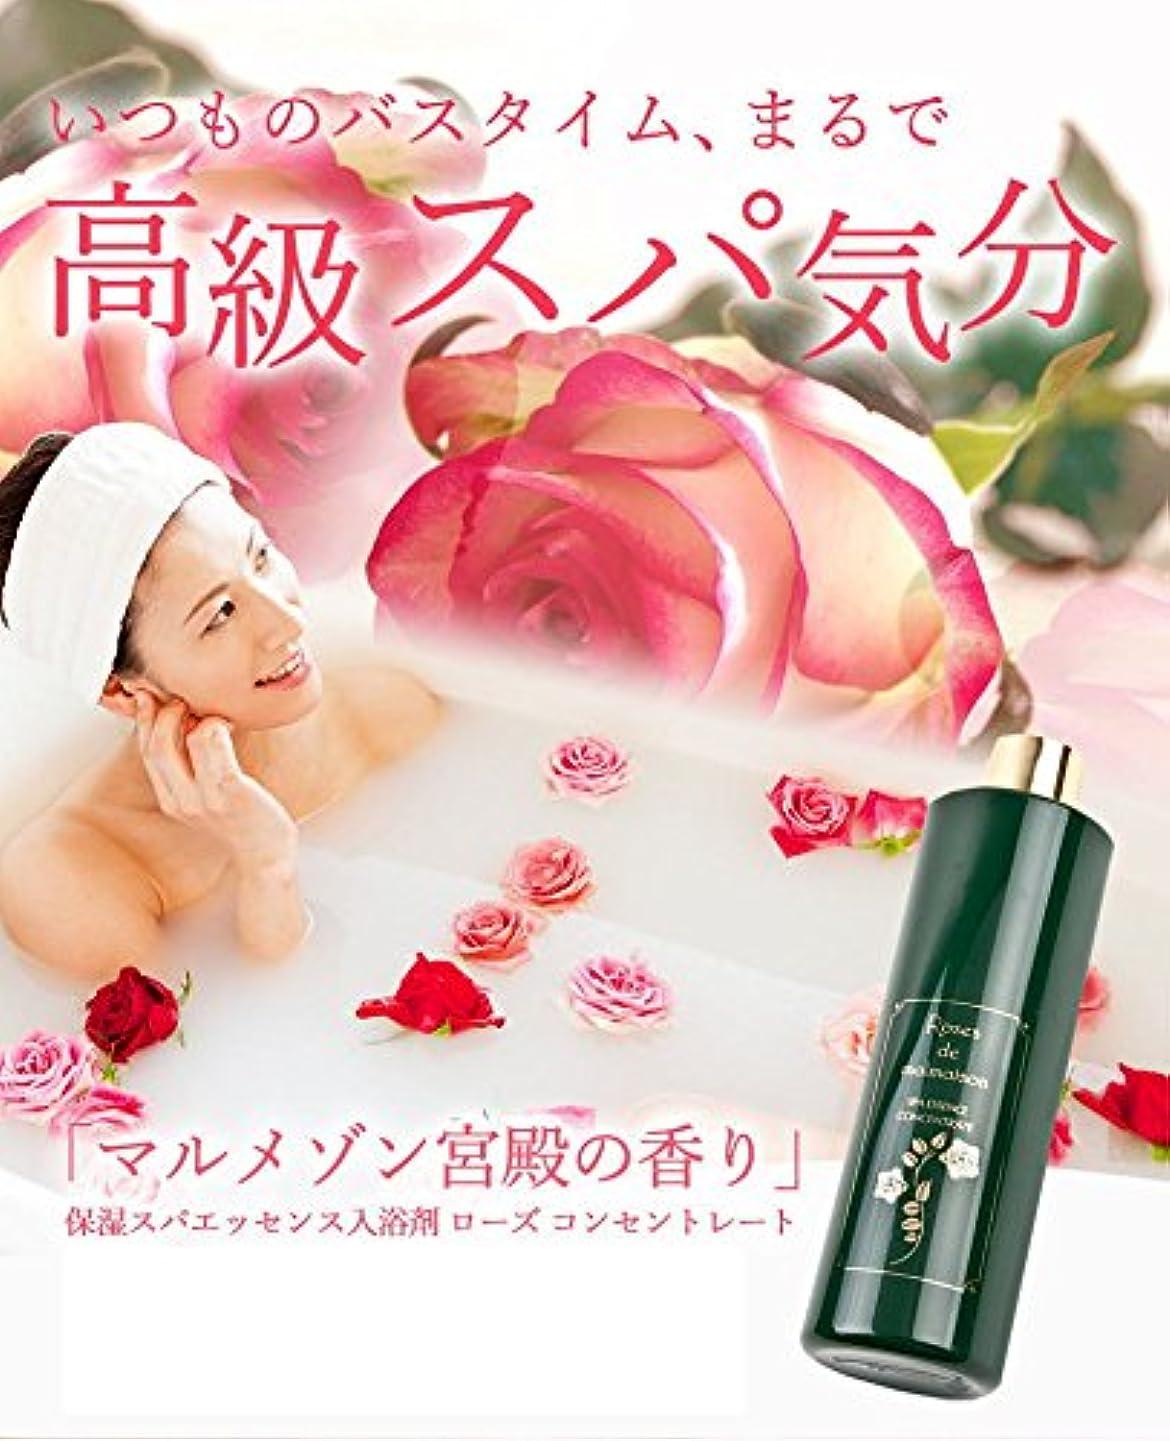 瀬戸際革命単にローズドマルメゾン スパエッセンス コンセントレート バラの香りの入浴剤 天然ローズの香り 高級スパのような入浴剤